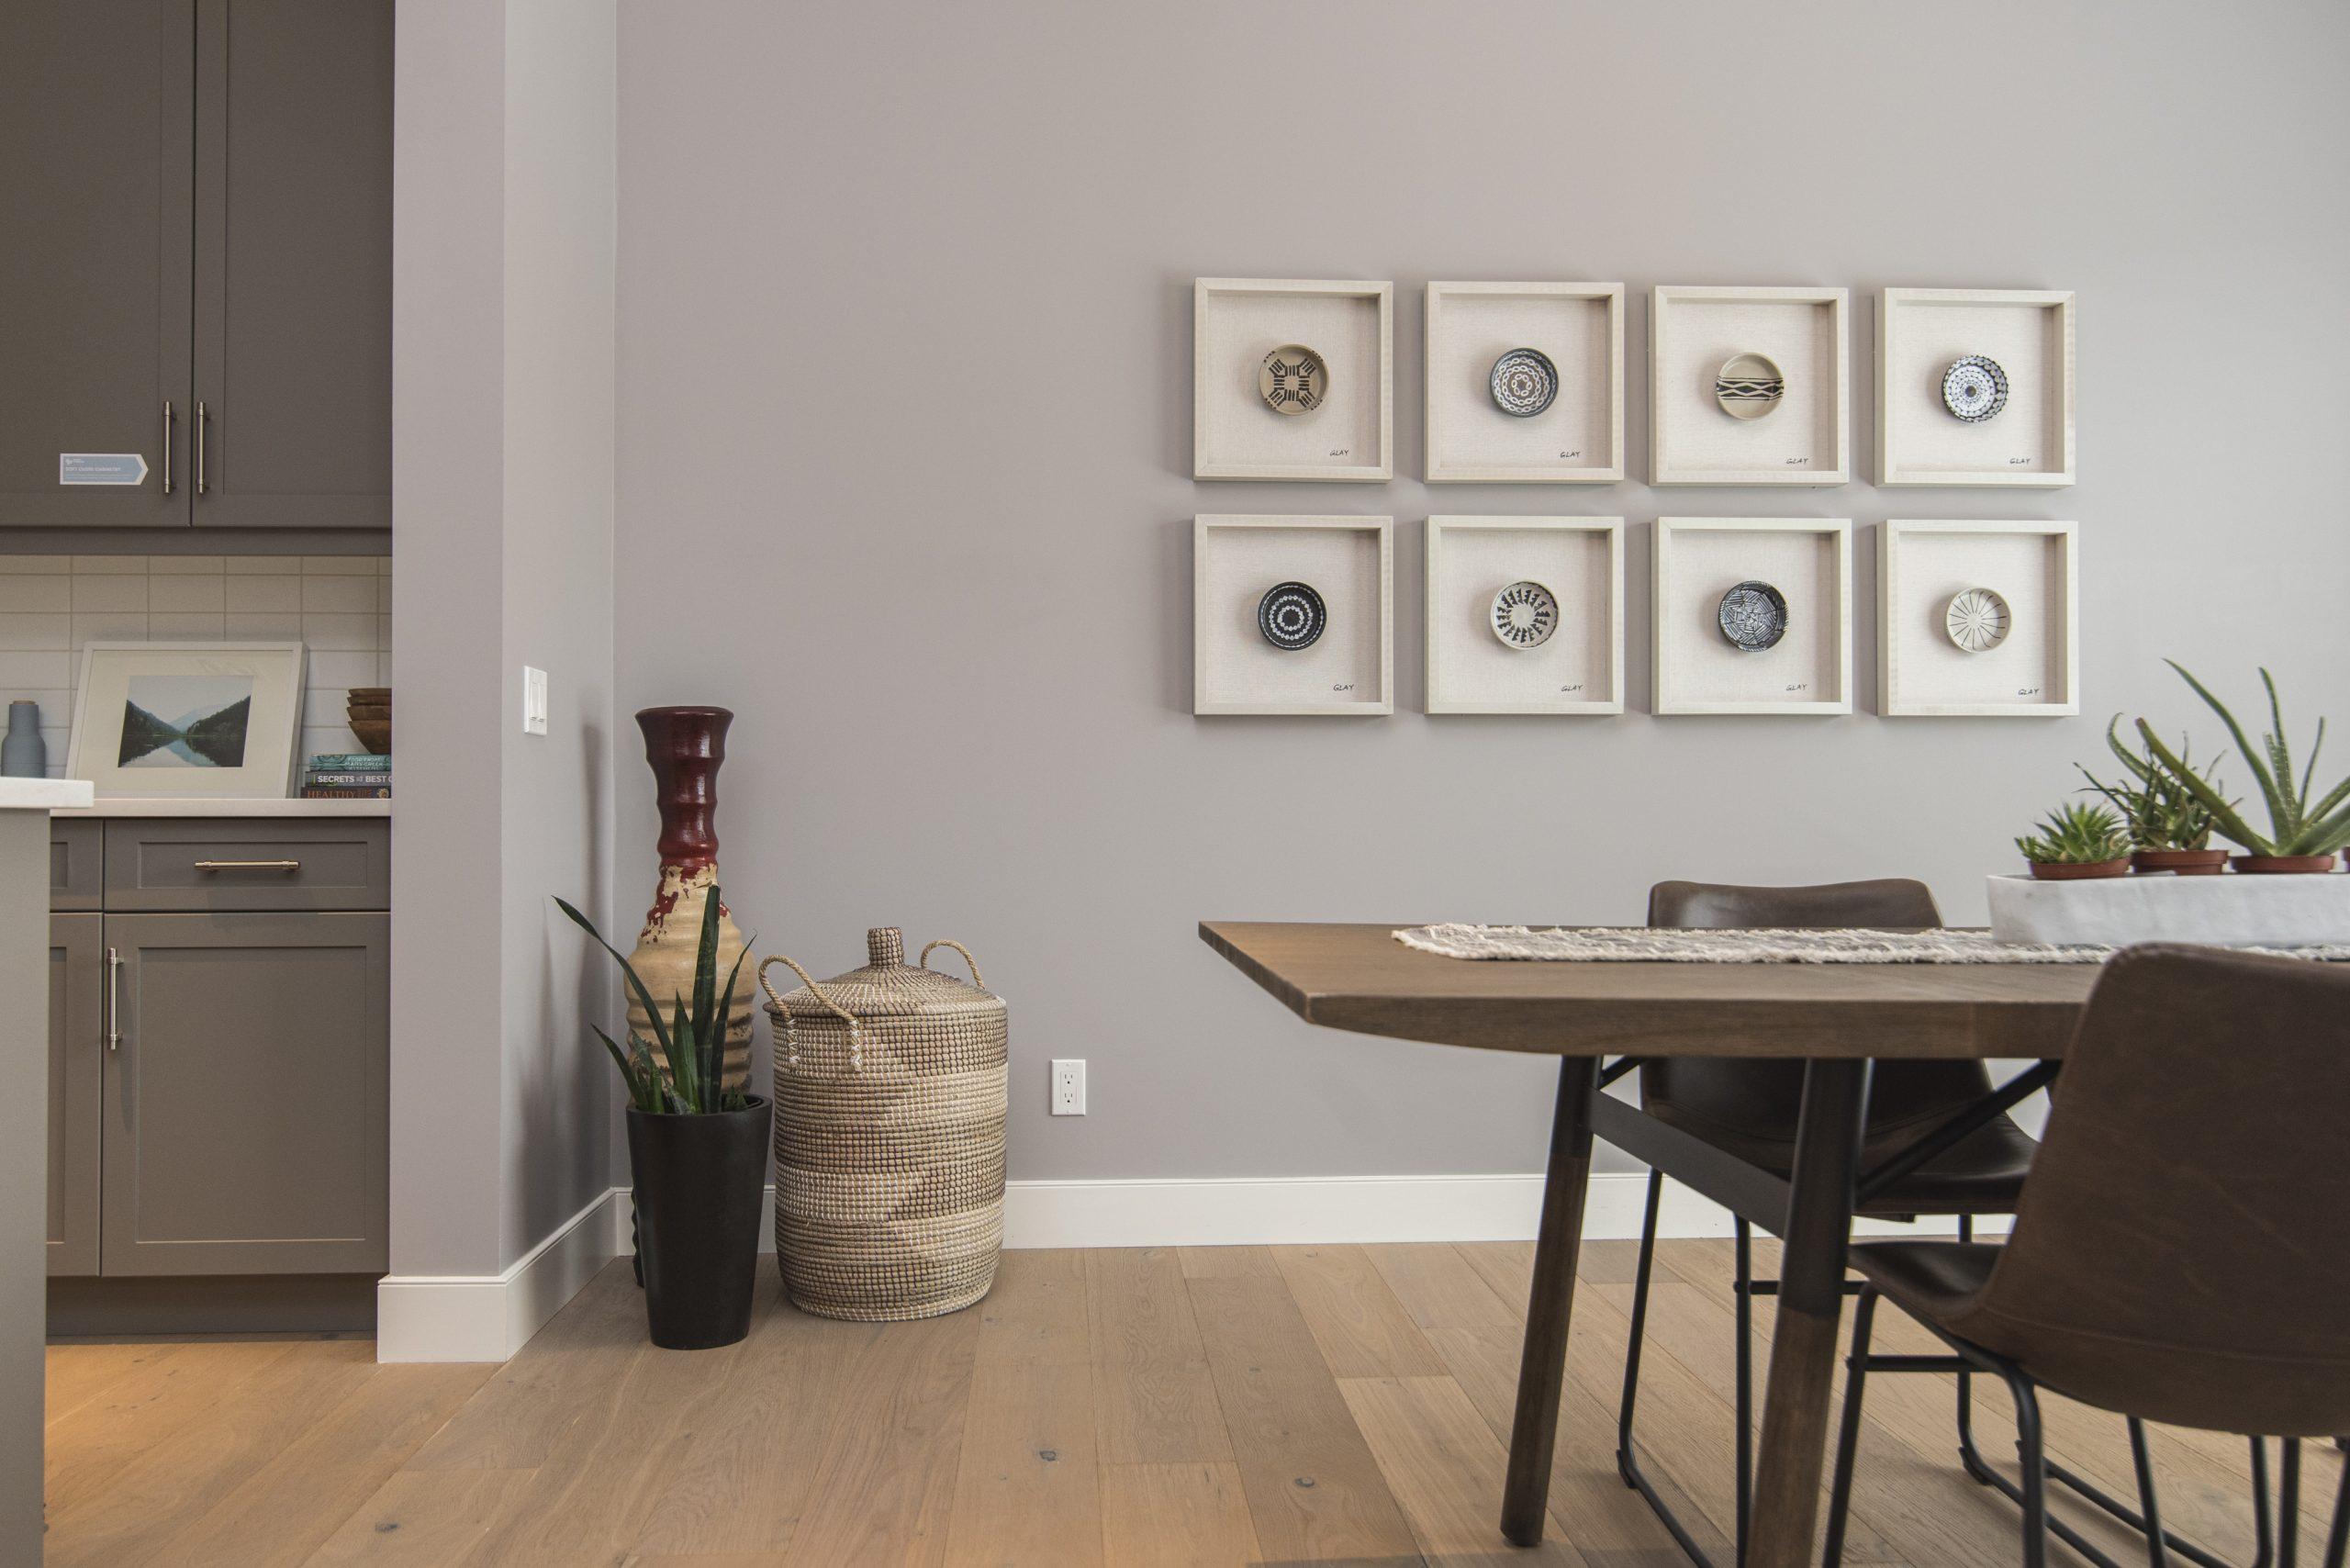 ¿Cómo crear espacios ideales en tu hogar?